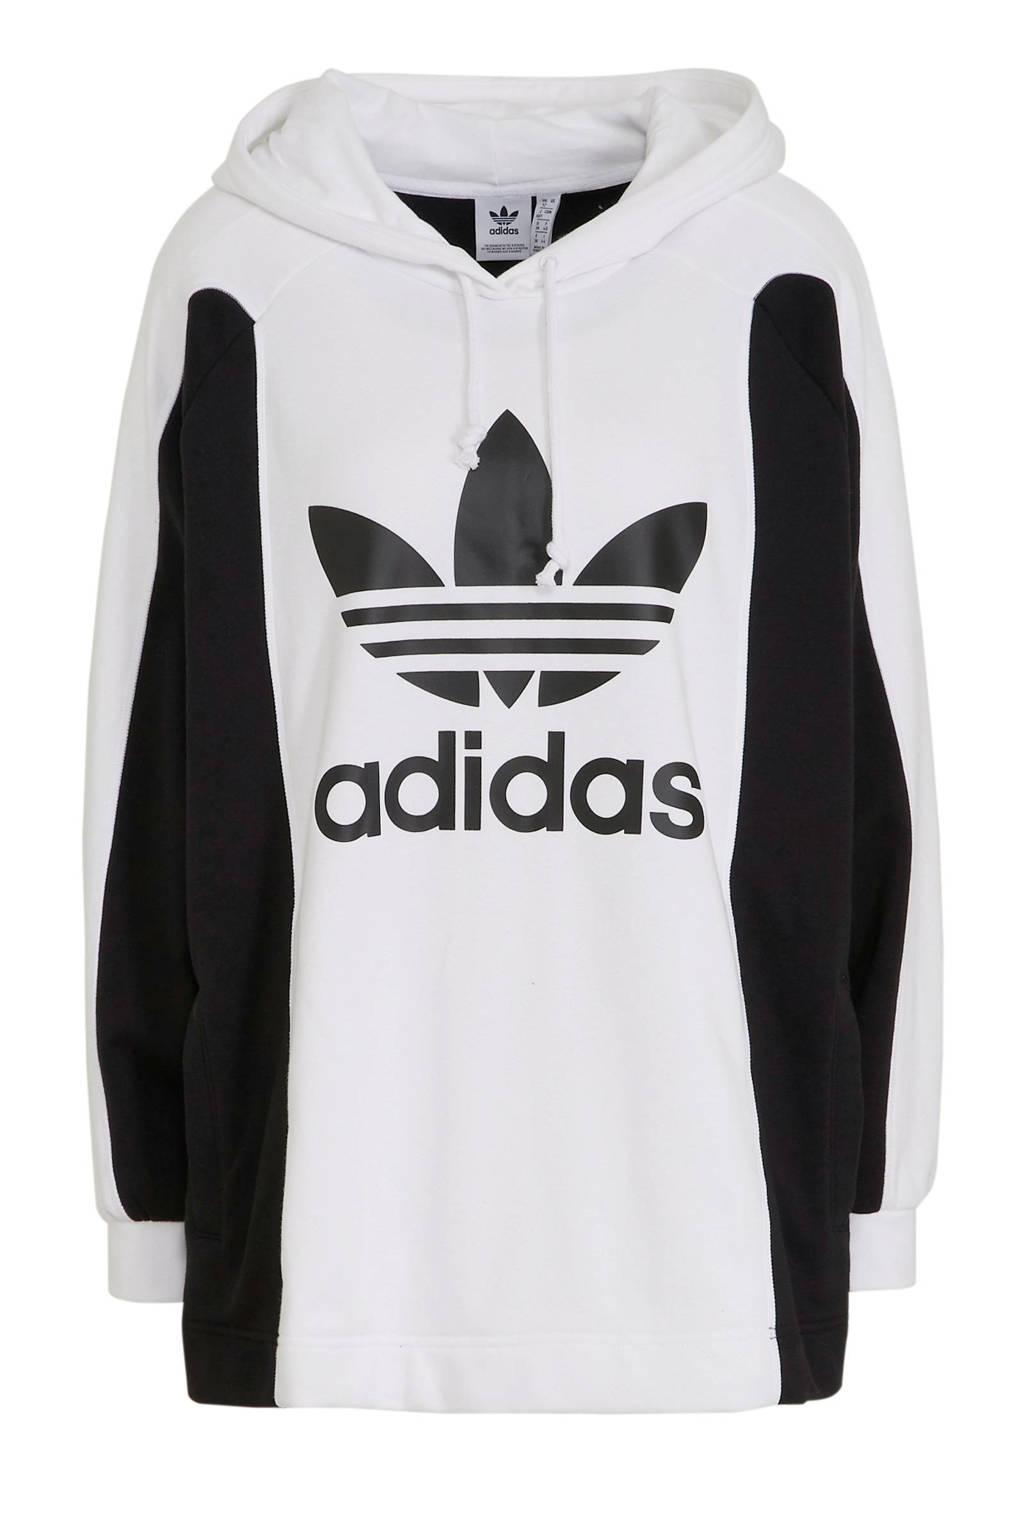 adidas Originals hoodie wit/zwart, Wit/zwart